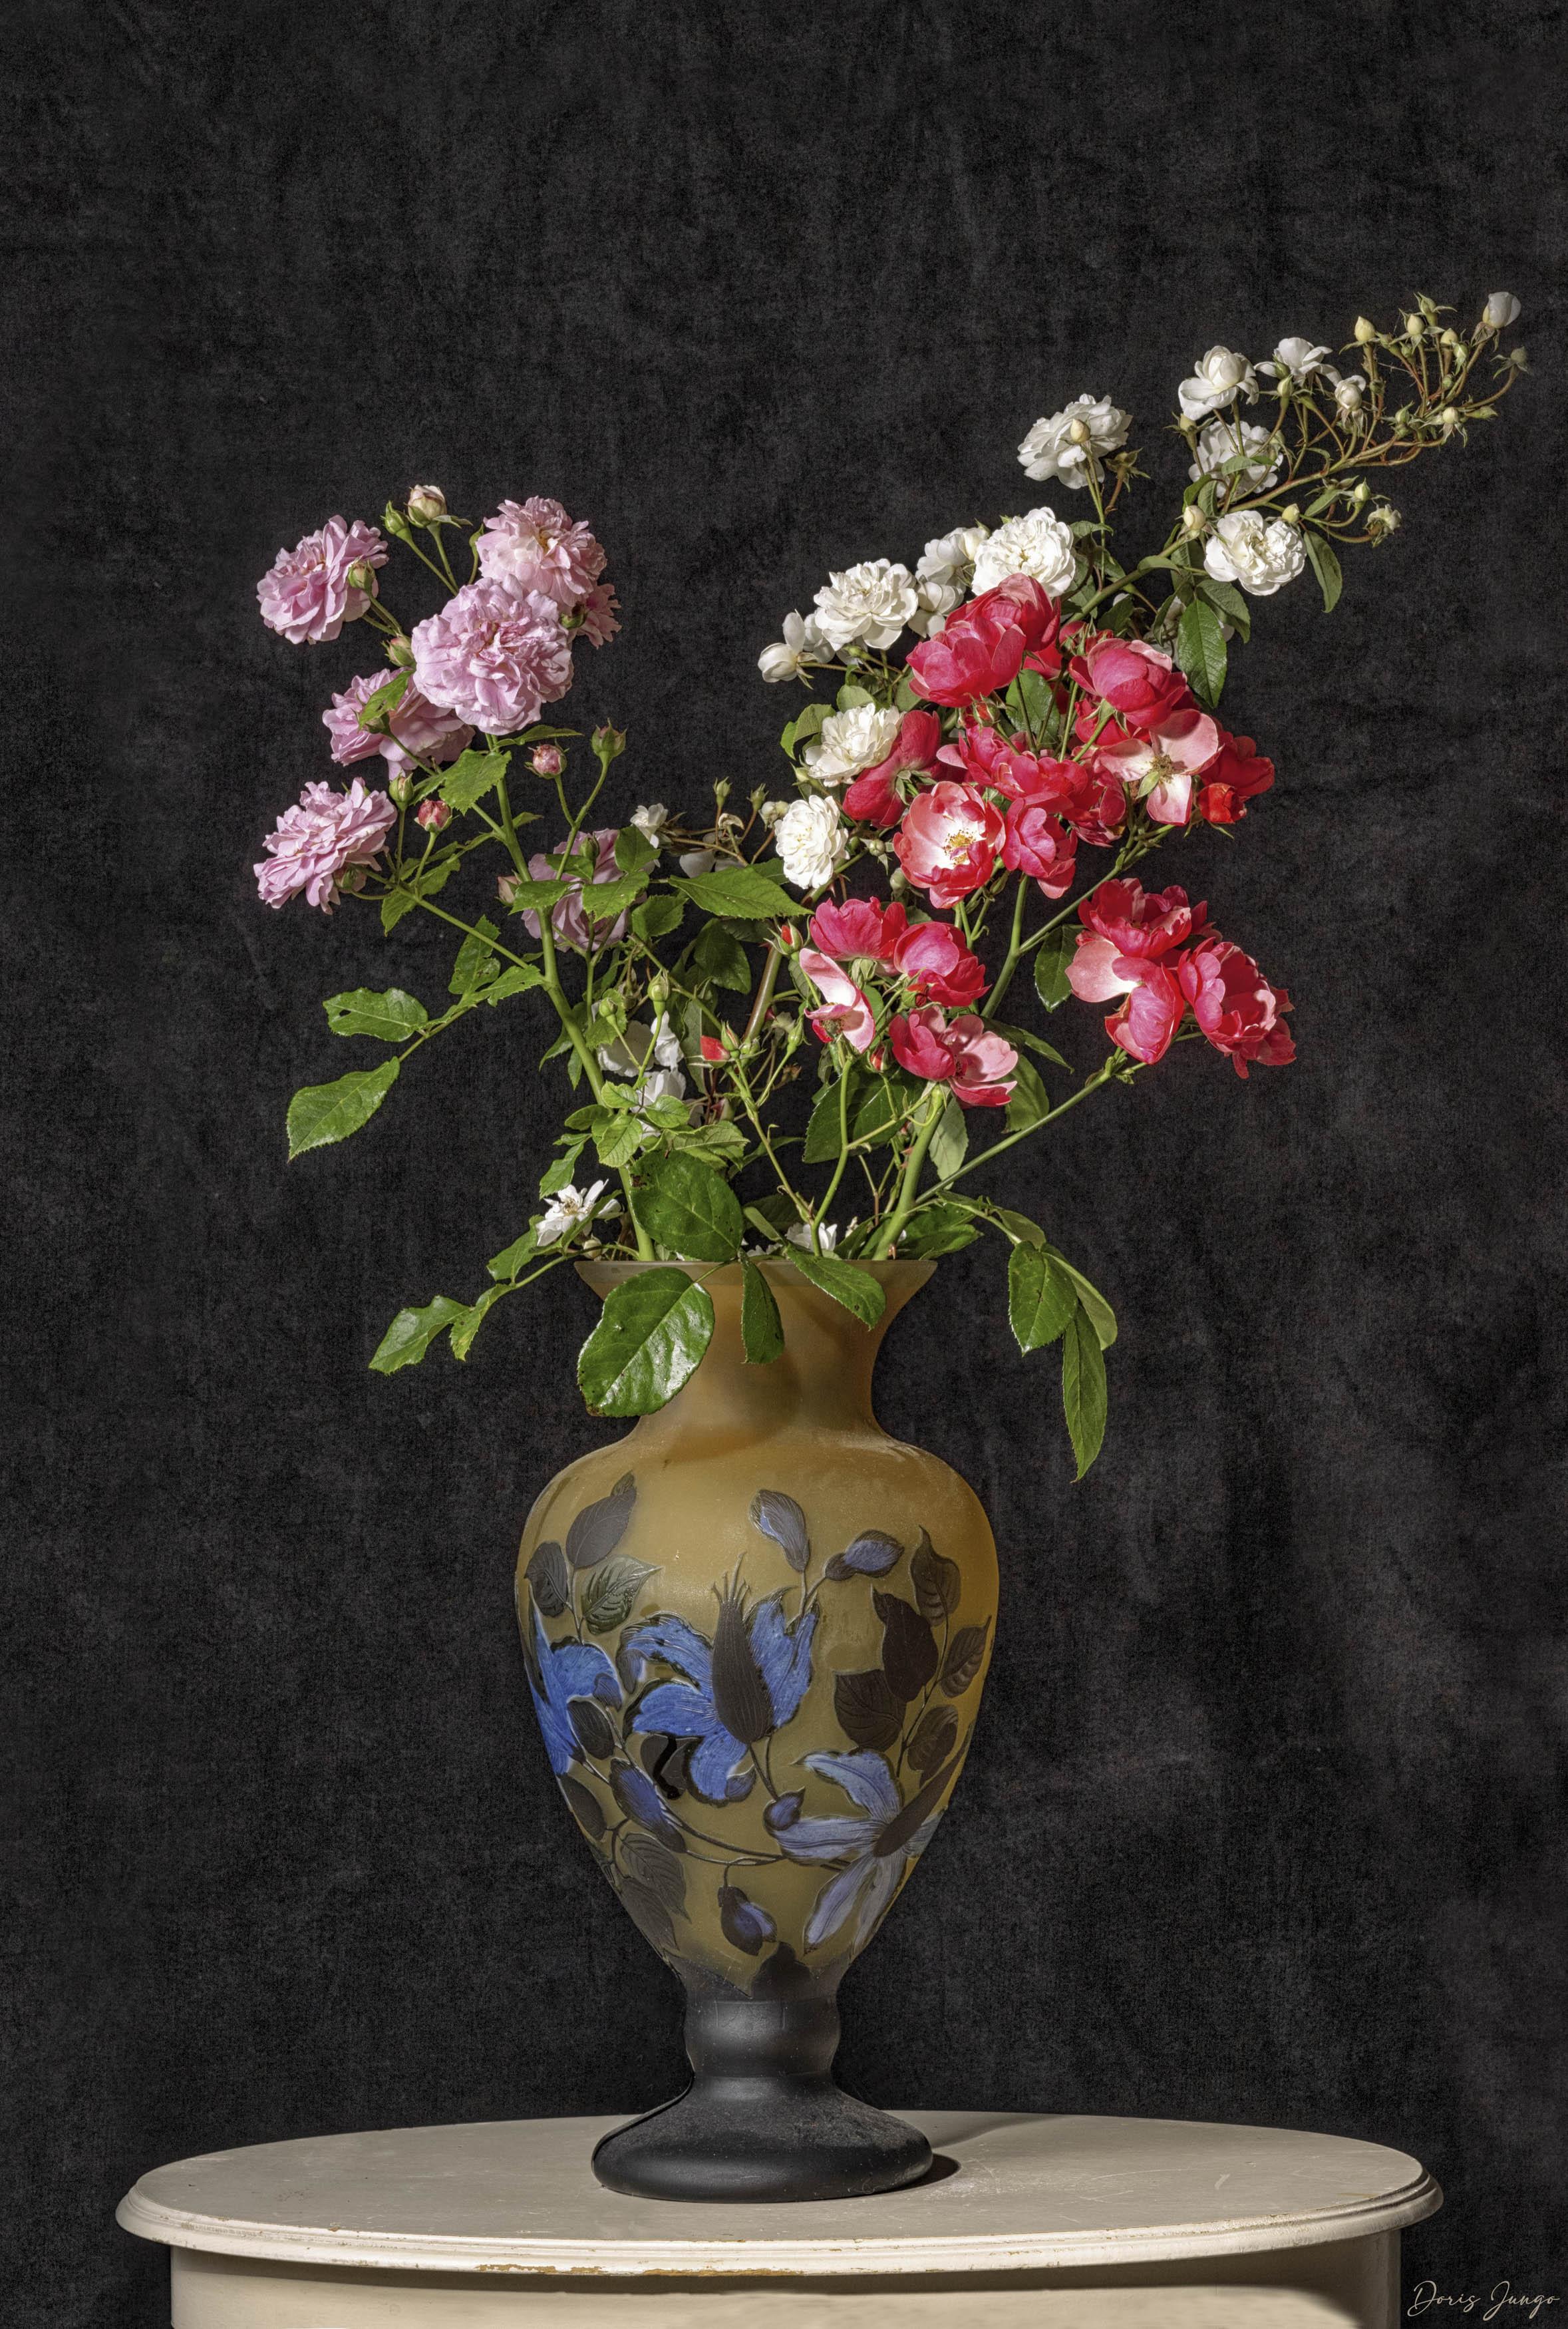 Le grand bouquet de roses